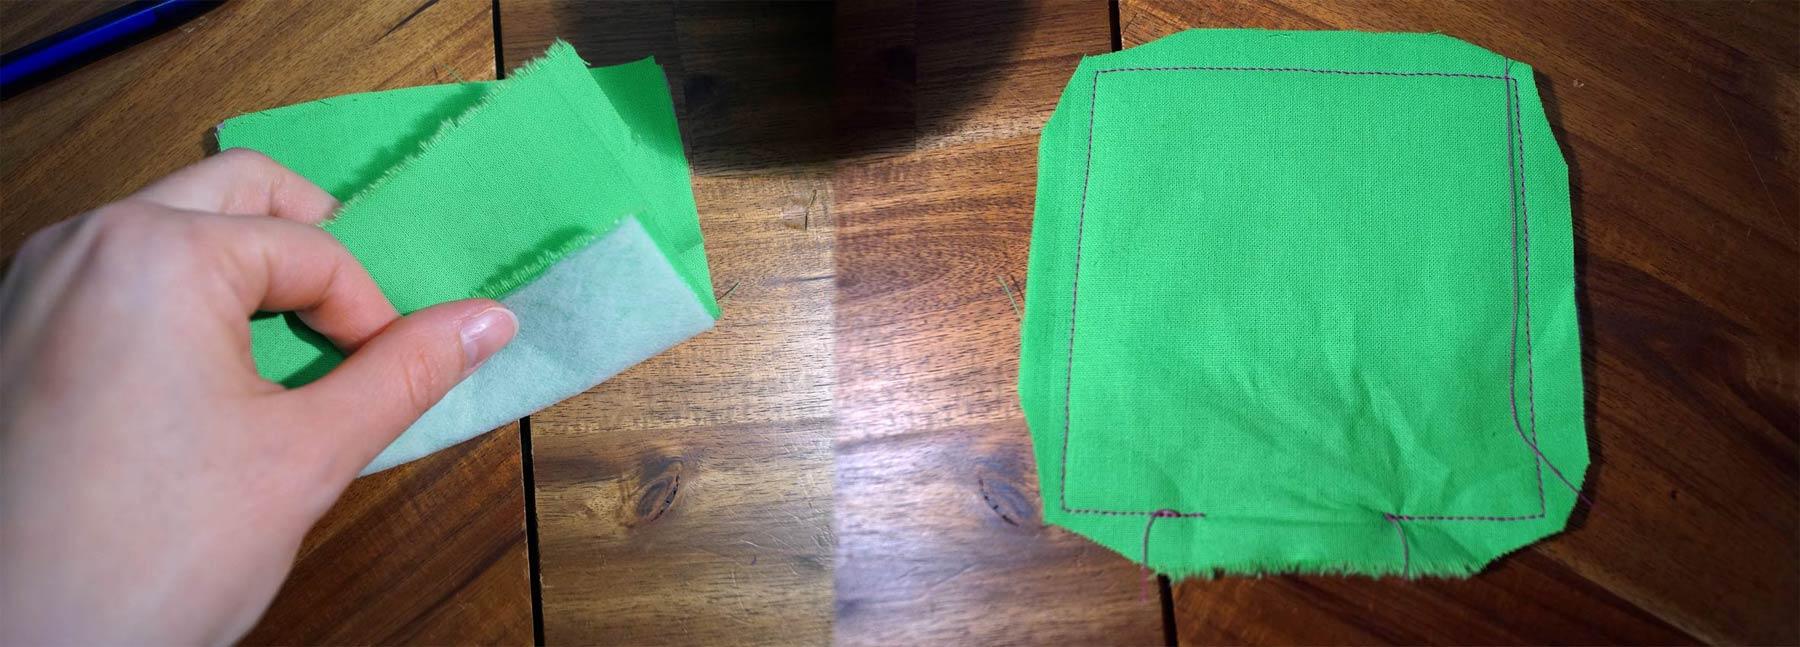 Stoff fürs kleine Fach rechts auf rechts legen und mit Berücksichtigung einer Wendeöffnung ca 1 cm breit zusammennähen. Ecken zurückschneiden, wenden & bügeln.